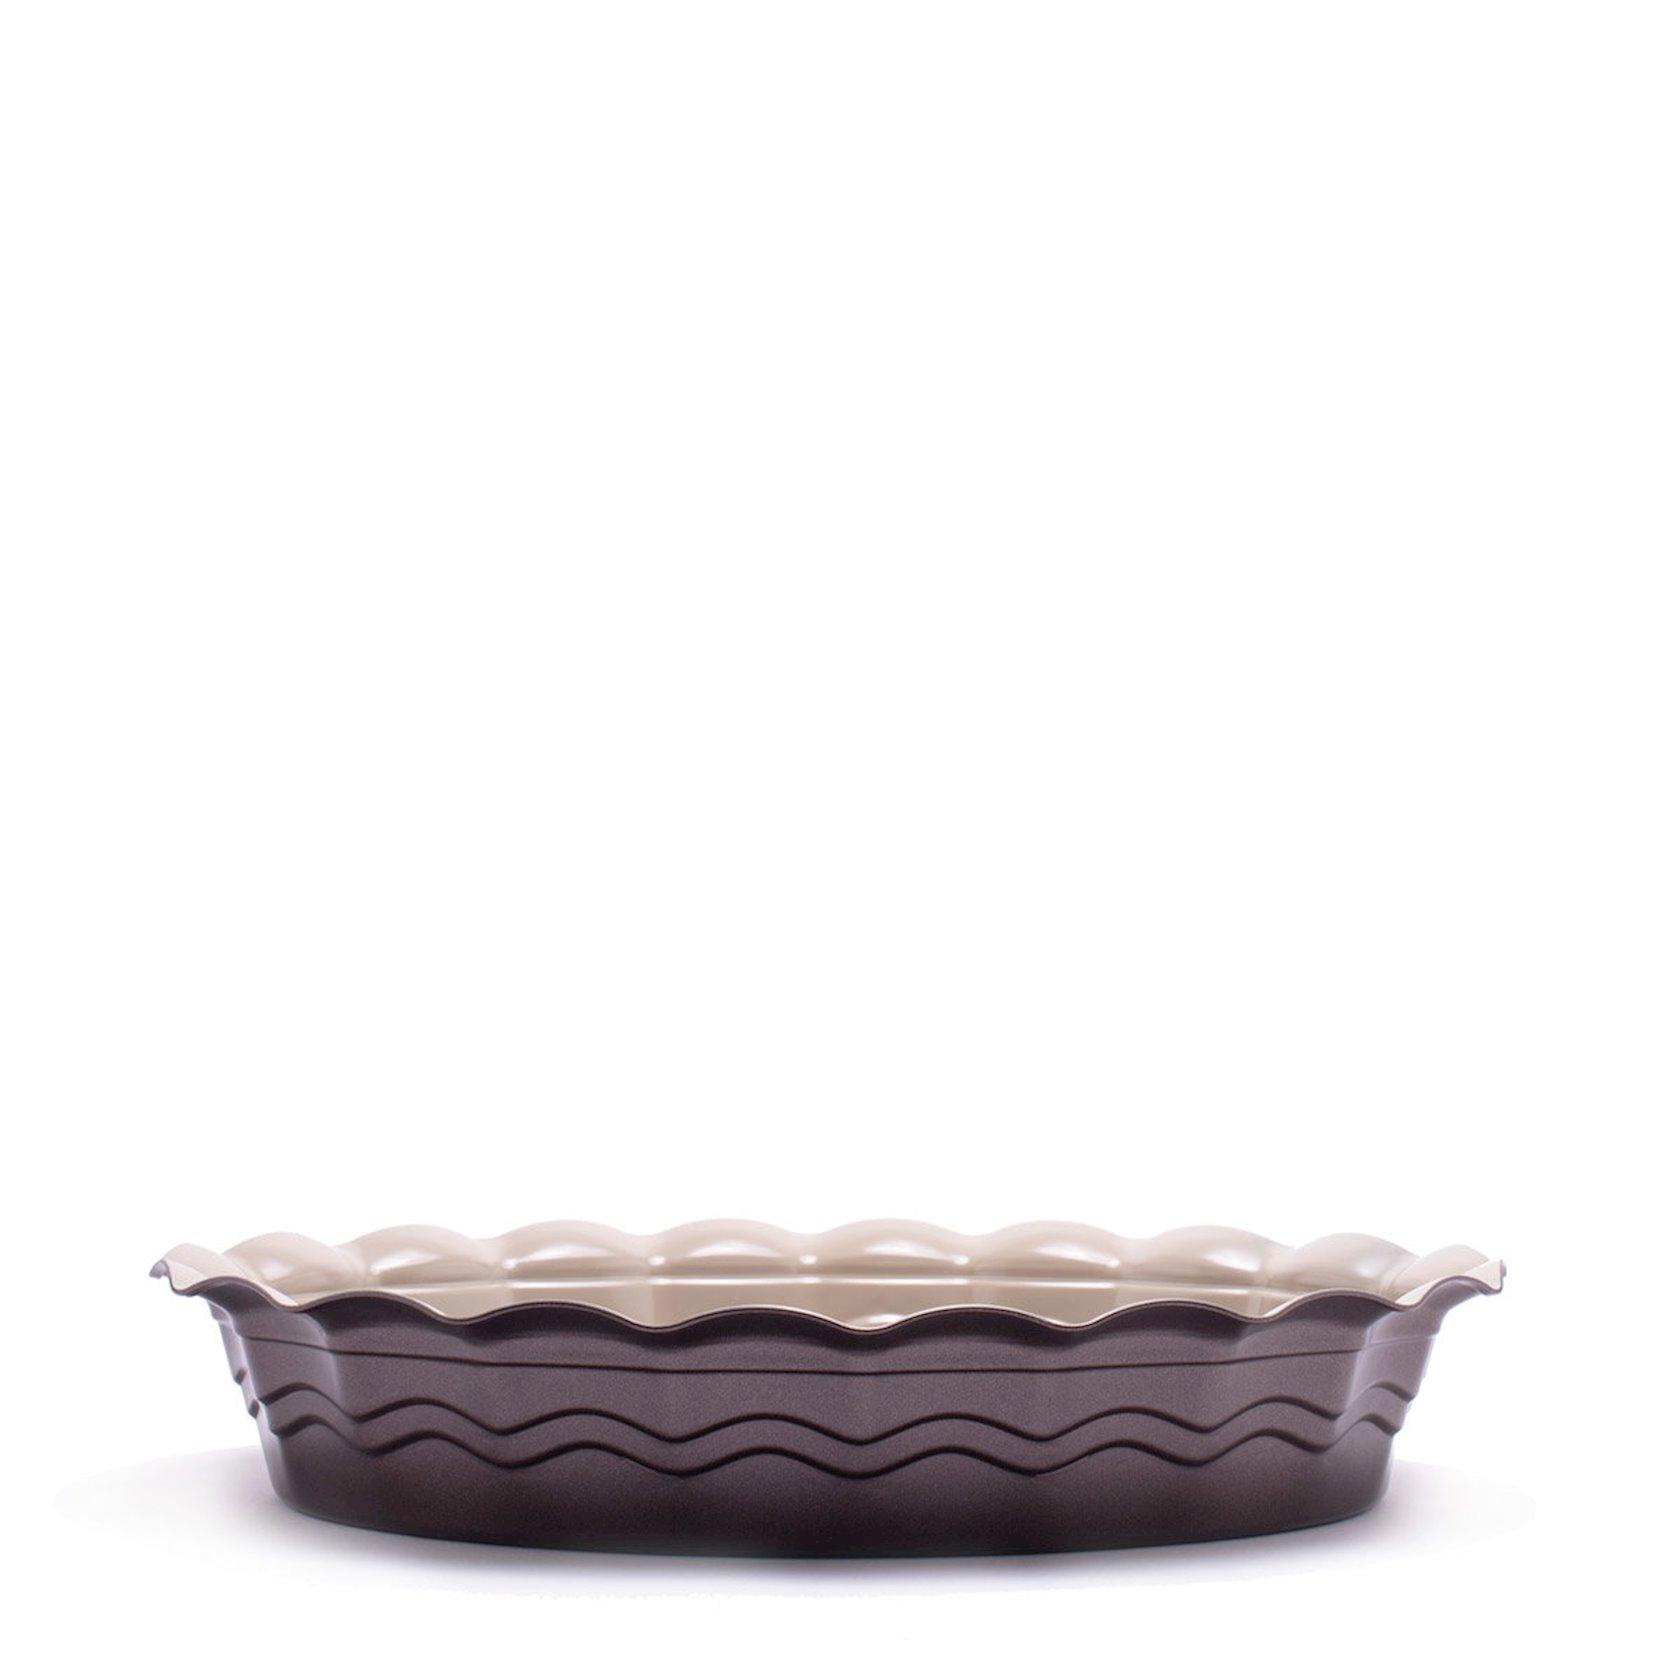 Bişirmə forması Gipfel OVEN 1894 42, 0x33, 0x7, 5sm, oval yapışmayan örtük Whitford ilə, Rəng: Krem rəngli, Qəhvəyi, Material: Karbonlu polad